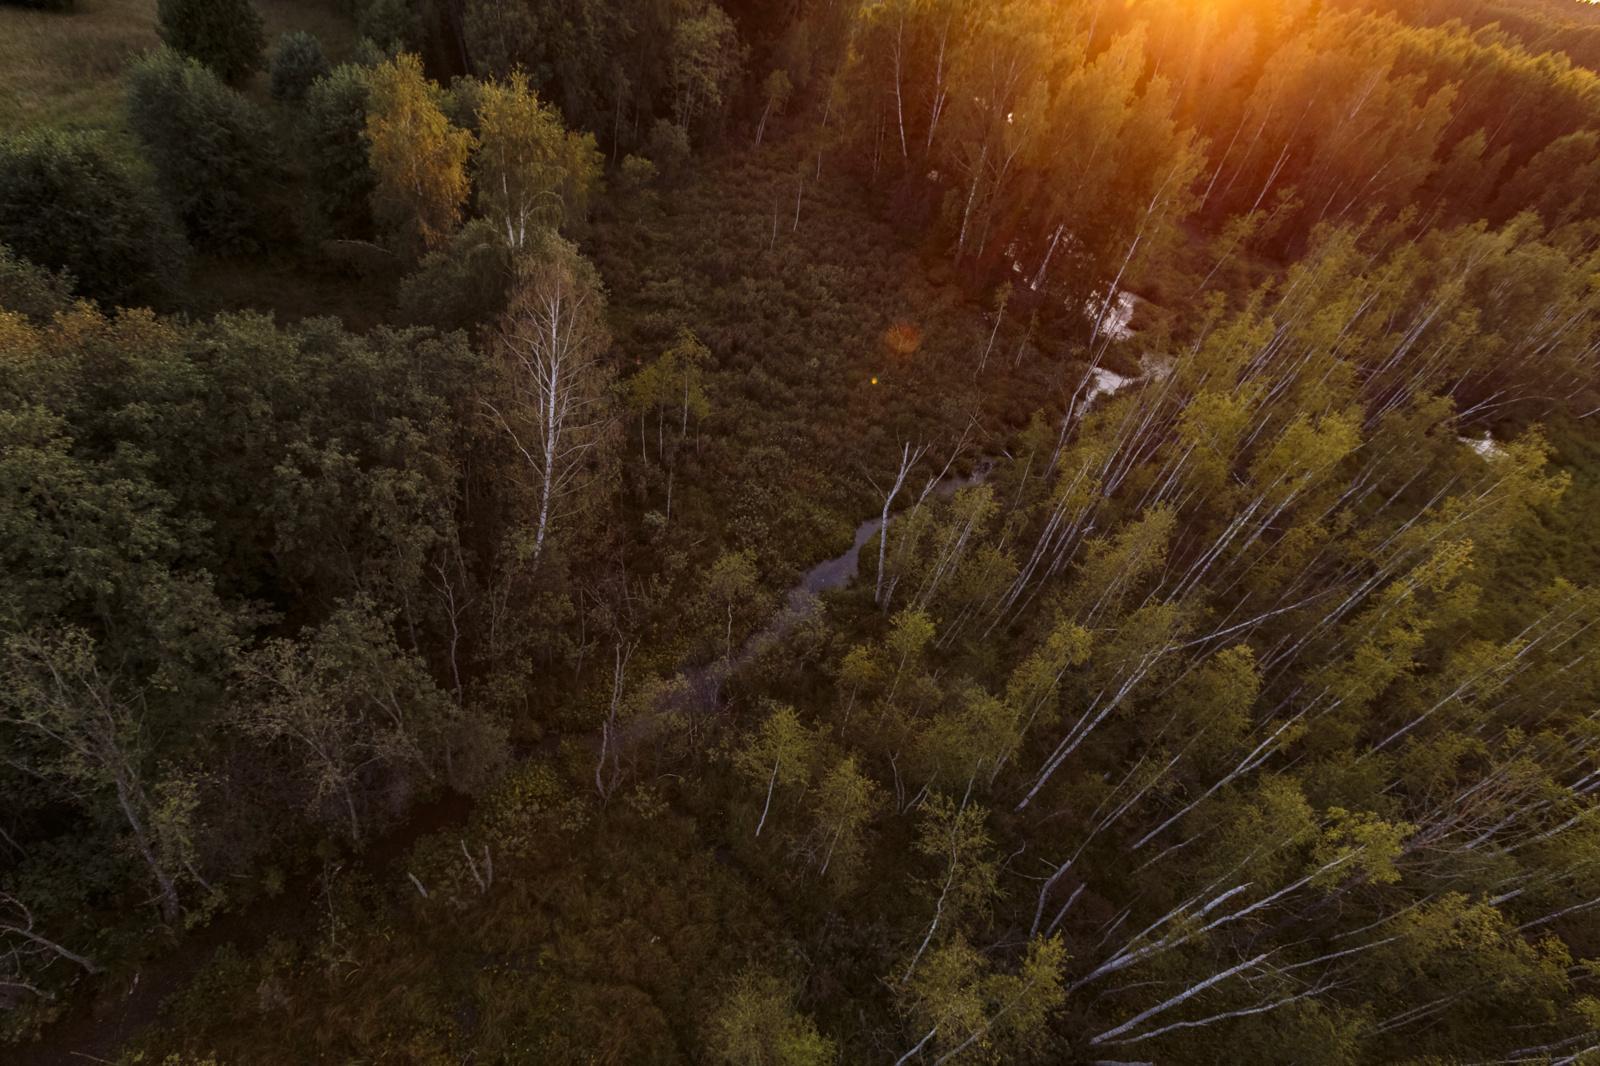 Lietuvos miškus užpuolė vabzdžiai: kertami medžiai, purškimui skirs beveik ketvirtadalį milijono eurų